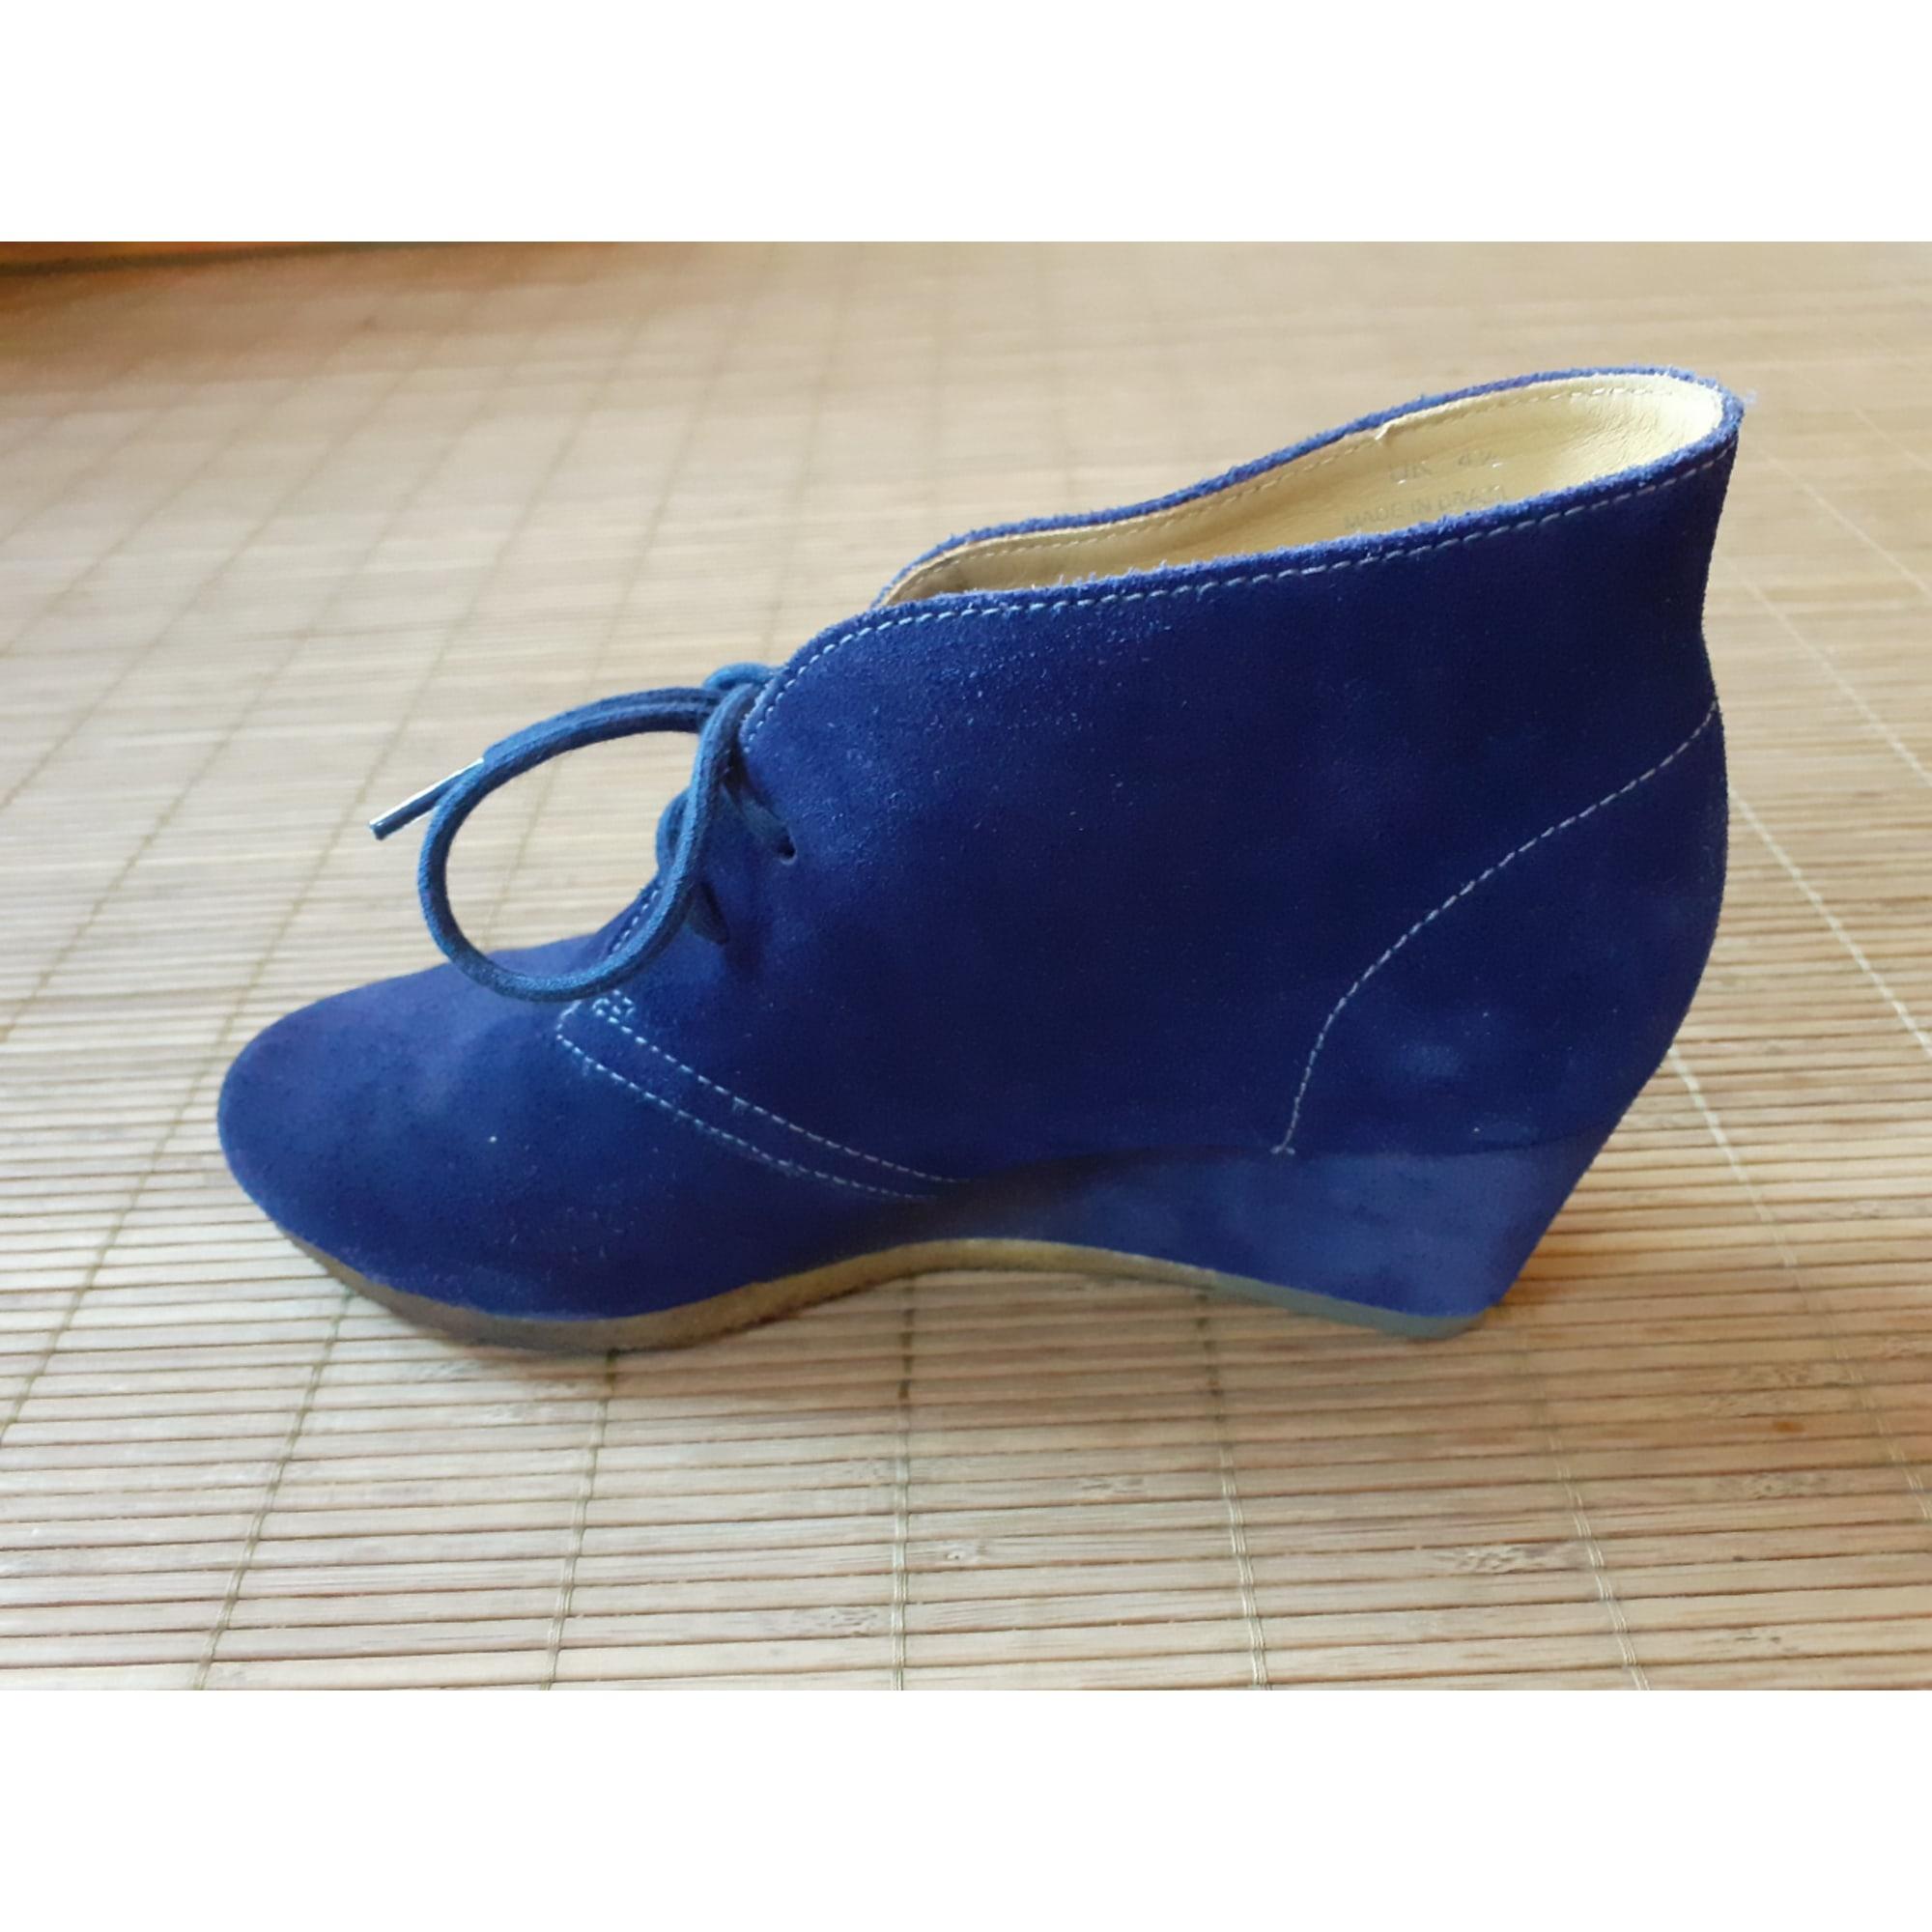 Bottines & low boots à compensés CLARKS Bleu, bleu marine, bleu turquoise